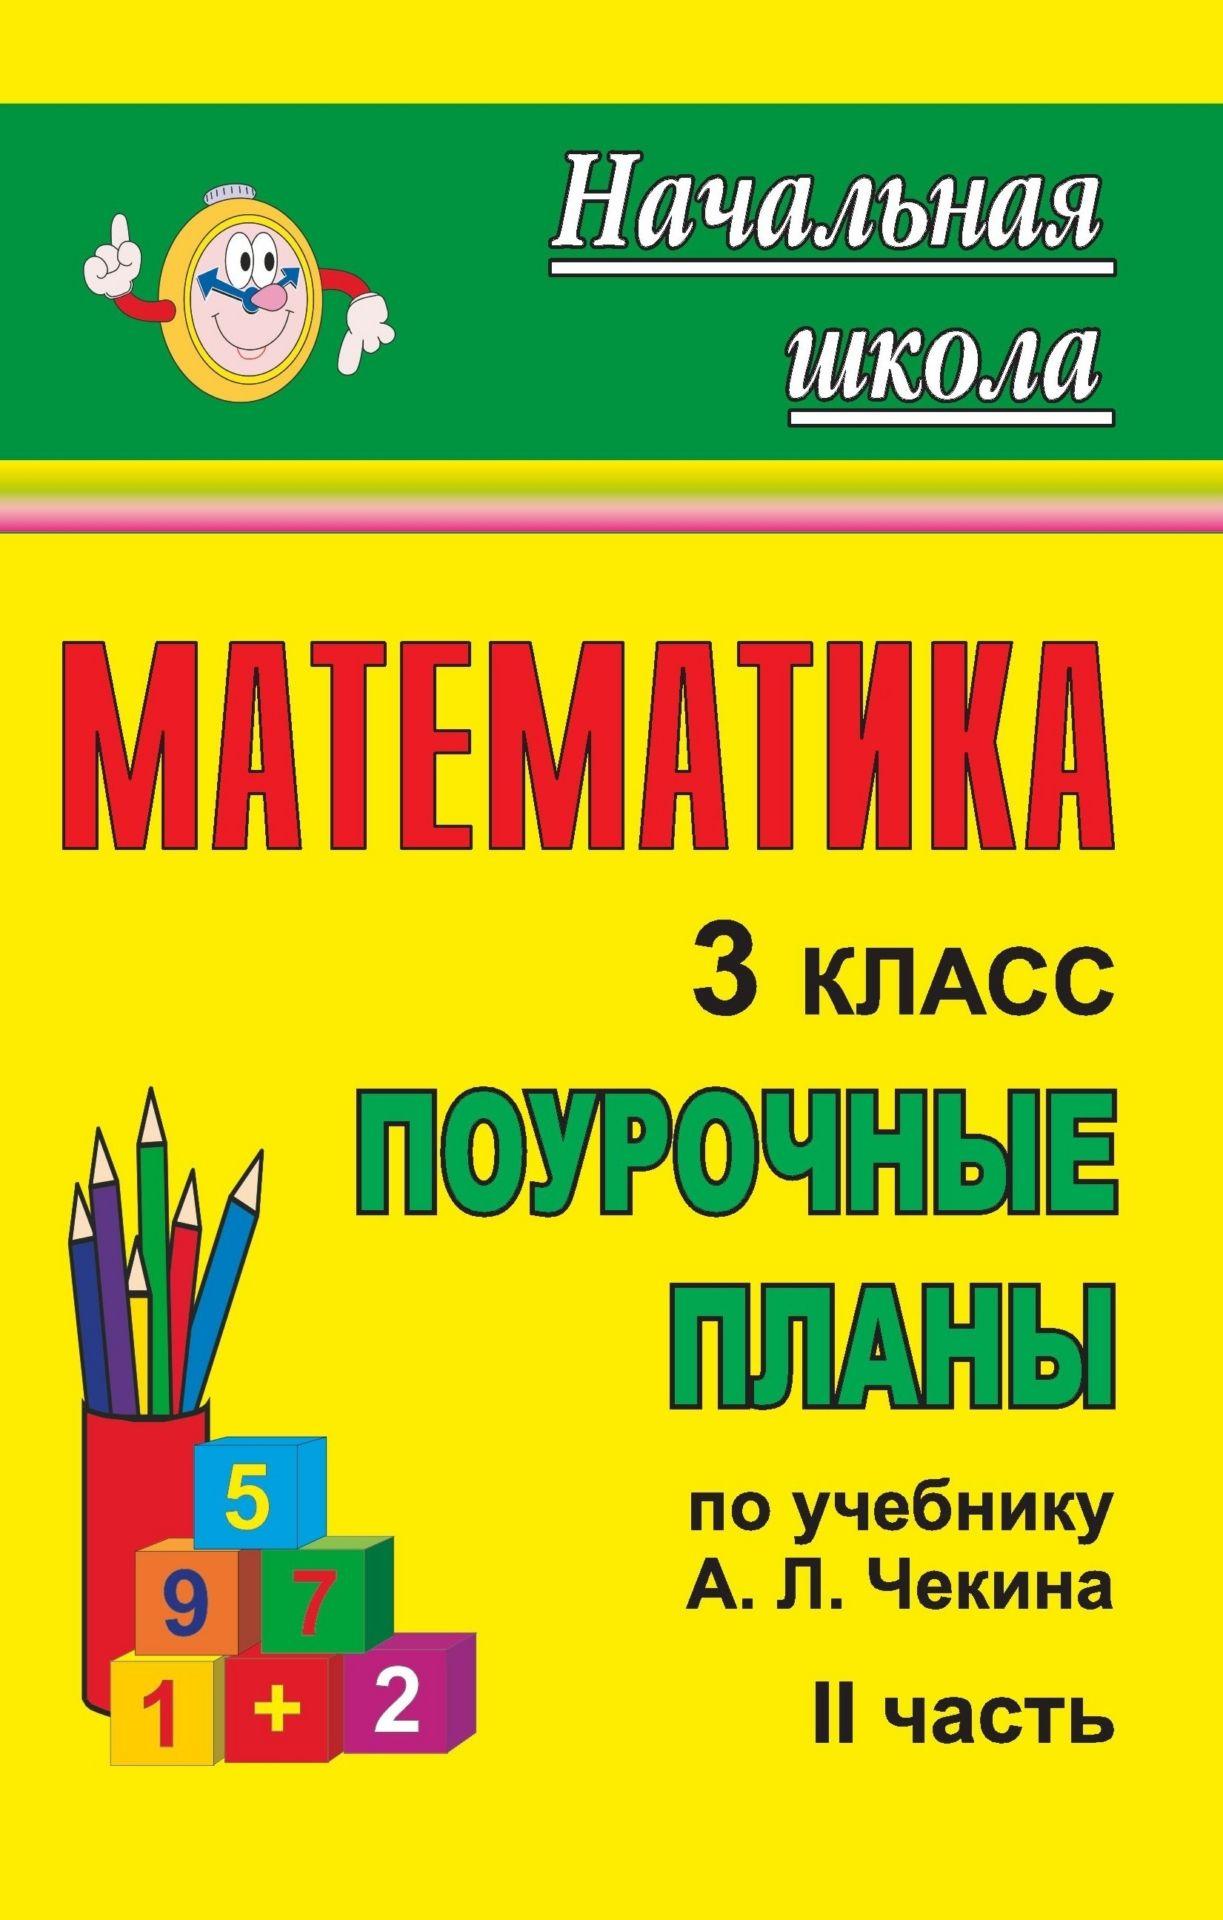 Математика. 3 класс: поурочные планы по учебнику А. Л. Чекина. Ч. IIПредметы<br>В пособии представлены подробно разработанные поурочные планы курса Математика, составленные в соответствии с концепцией Перспективная начальная школа и ориентированные для работы по учебнику: Чекин А. Л. Математика. 3 кл.: учебник: в 2 ч. / под ред. ...<br><br>Авторы: Лободина Н. В.<br>Год: 2011<br>Серия: Начальная школа<br>ISBN: 978-5-7057-2394-2<br>Высота: 215<br>Ширина: 140<br>Толщина: 11<br>Переплёт: мягкая, склейка